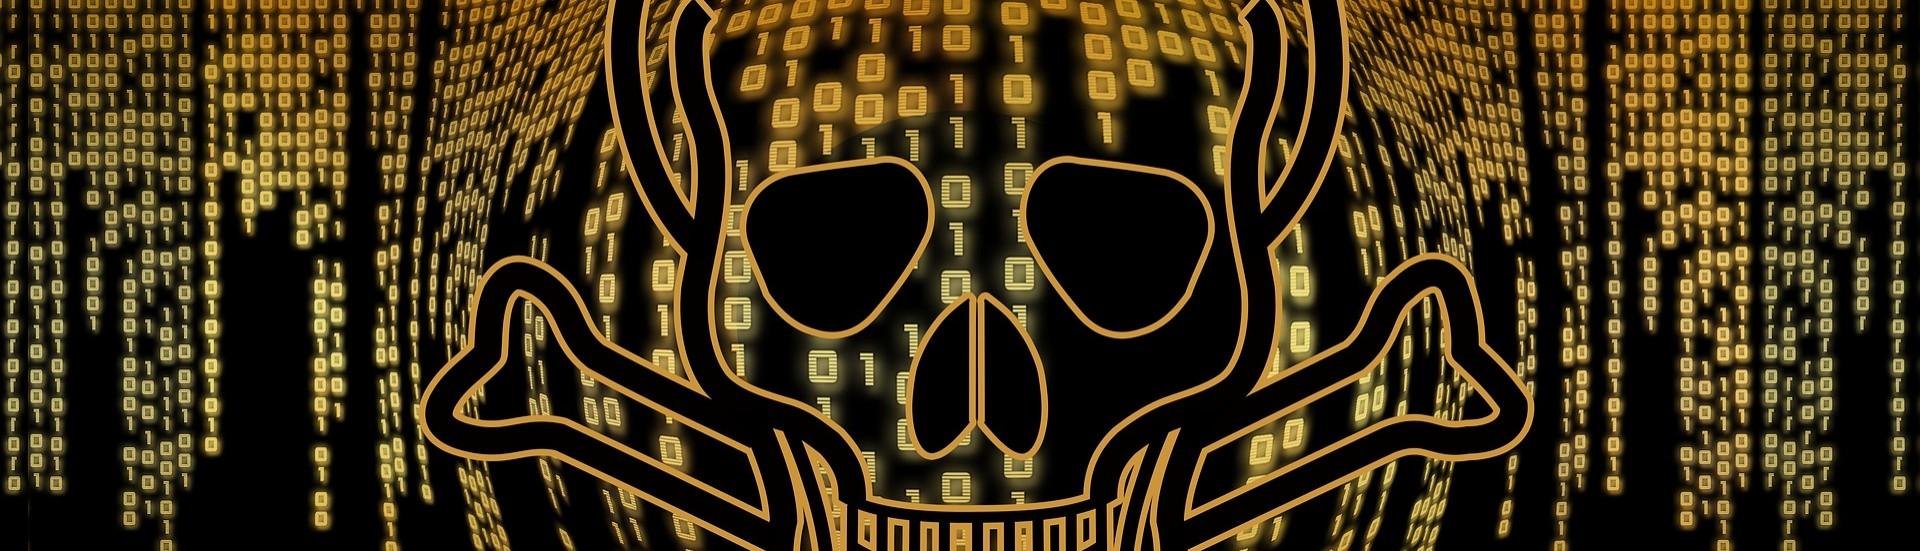 Nowości w NetWorker 9.2 - ochrona przed ransmoware / de-duplikacja S3